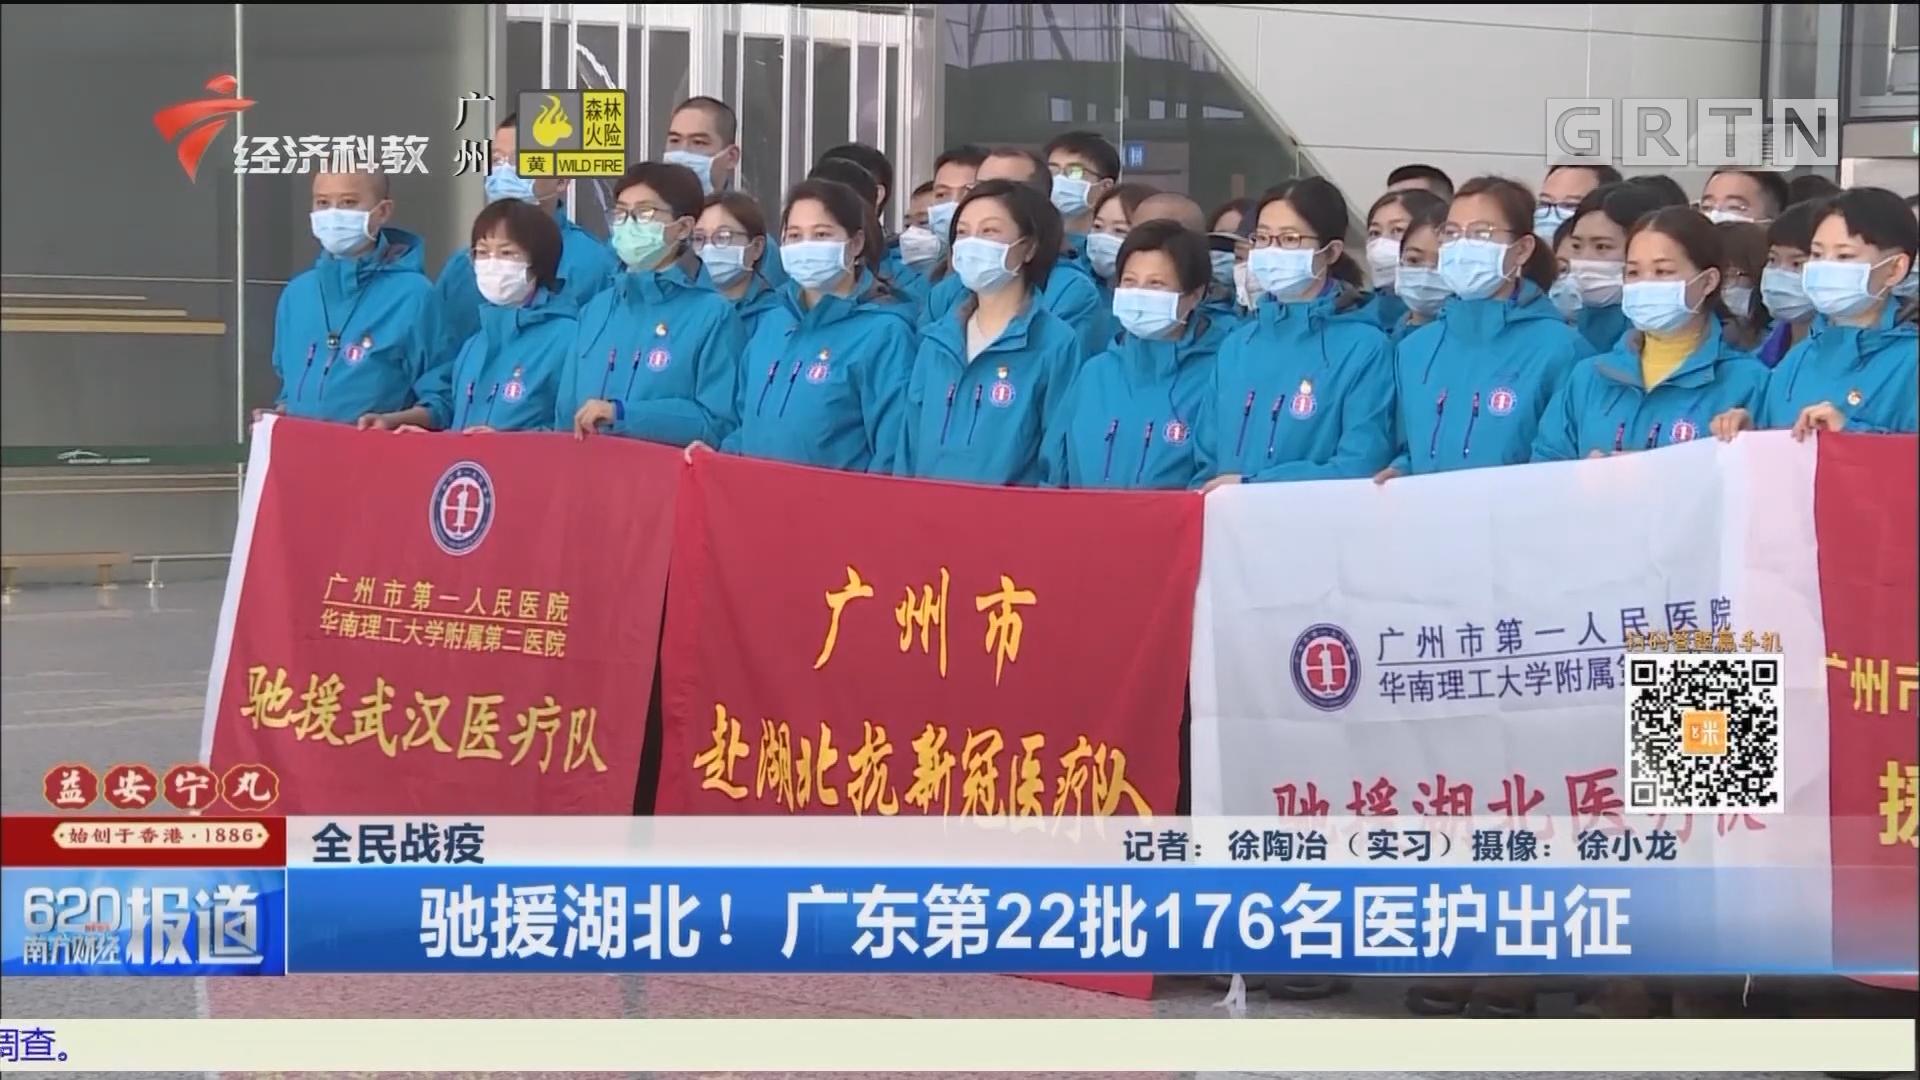 全民战疫:驰援湖北!广东第22批176名医护出征